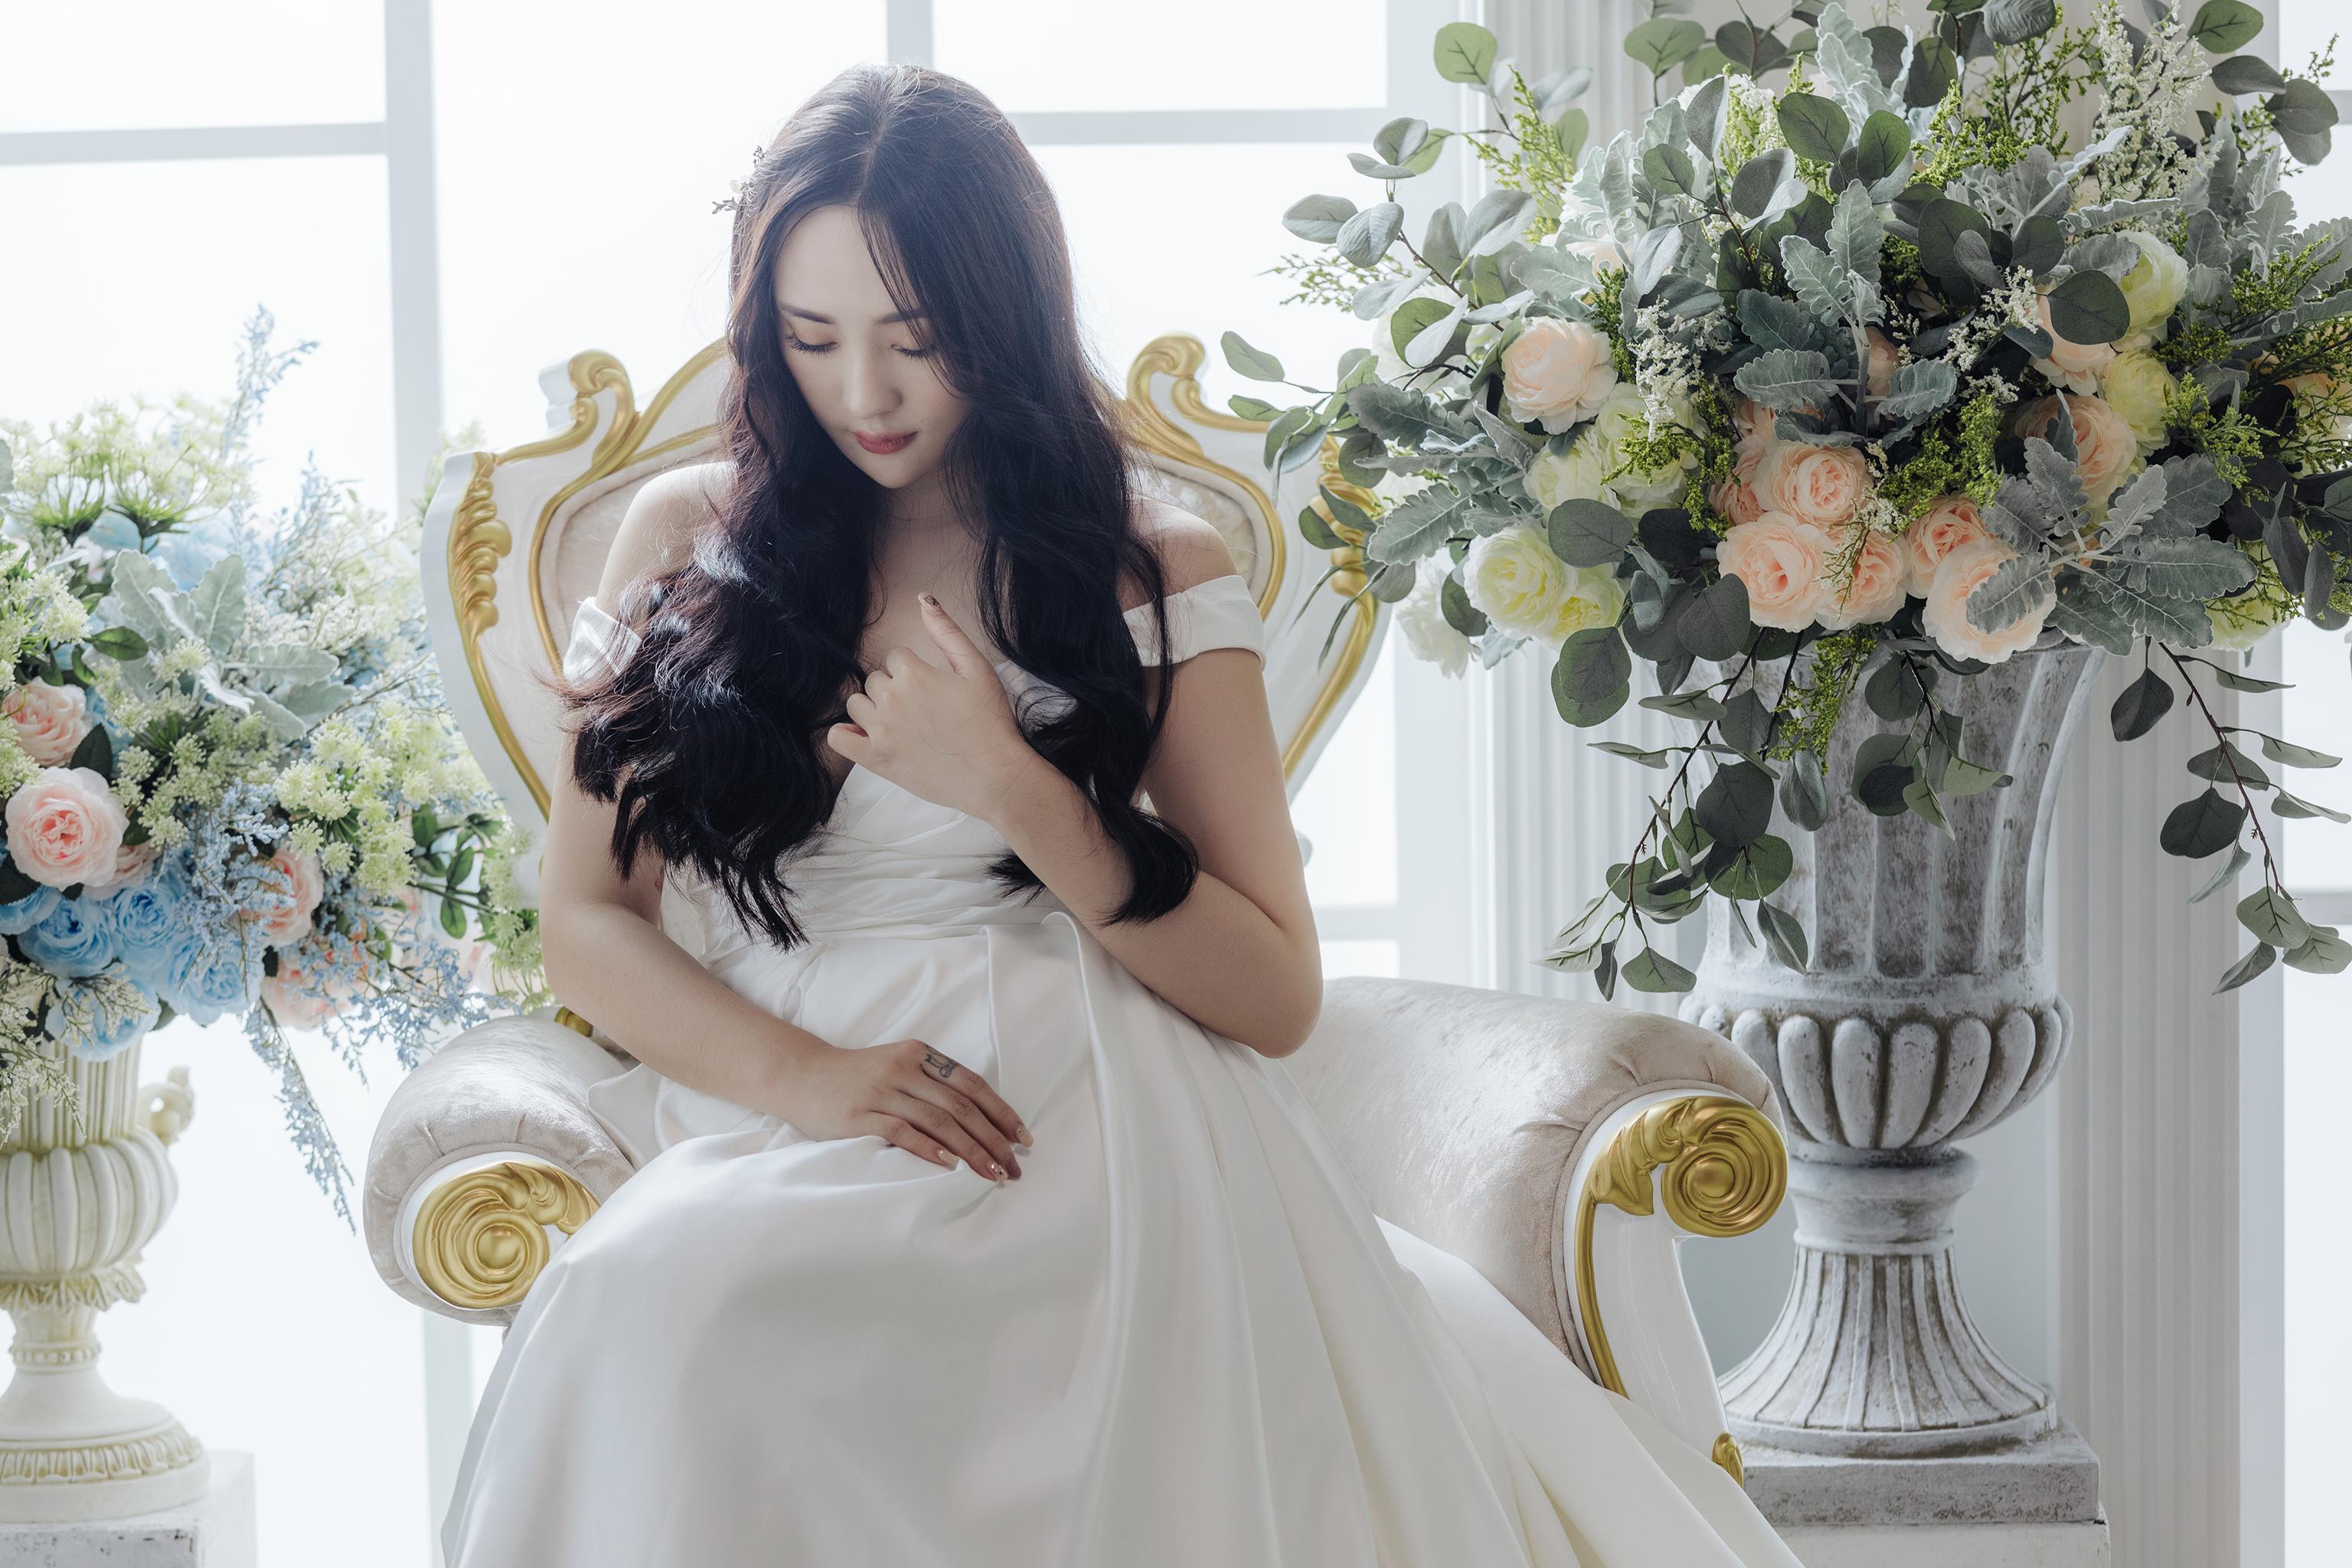 48098643531 ddfe360037 o - 【自主婚紗】+Ching+